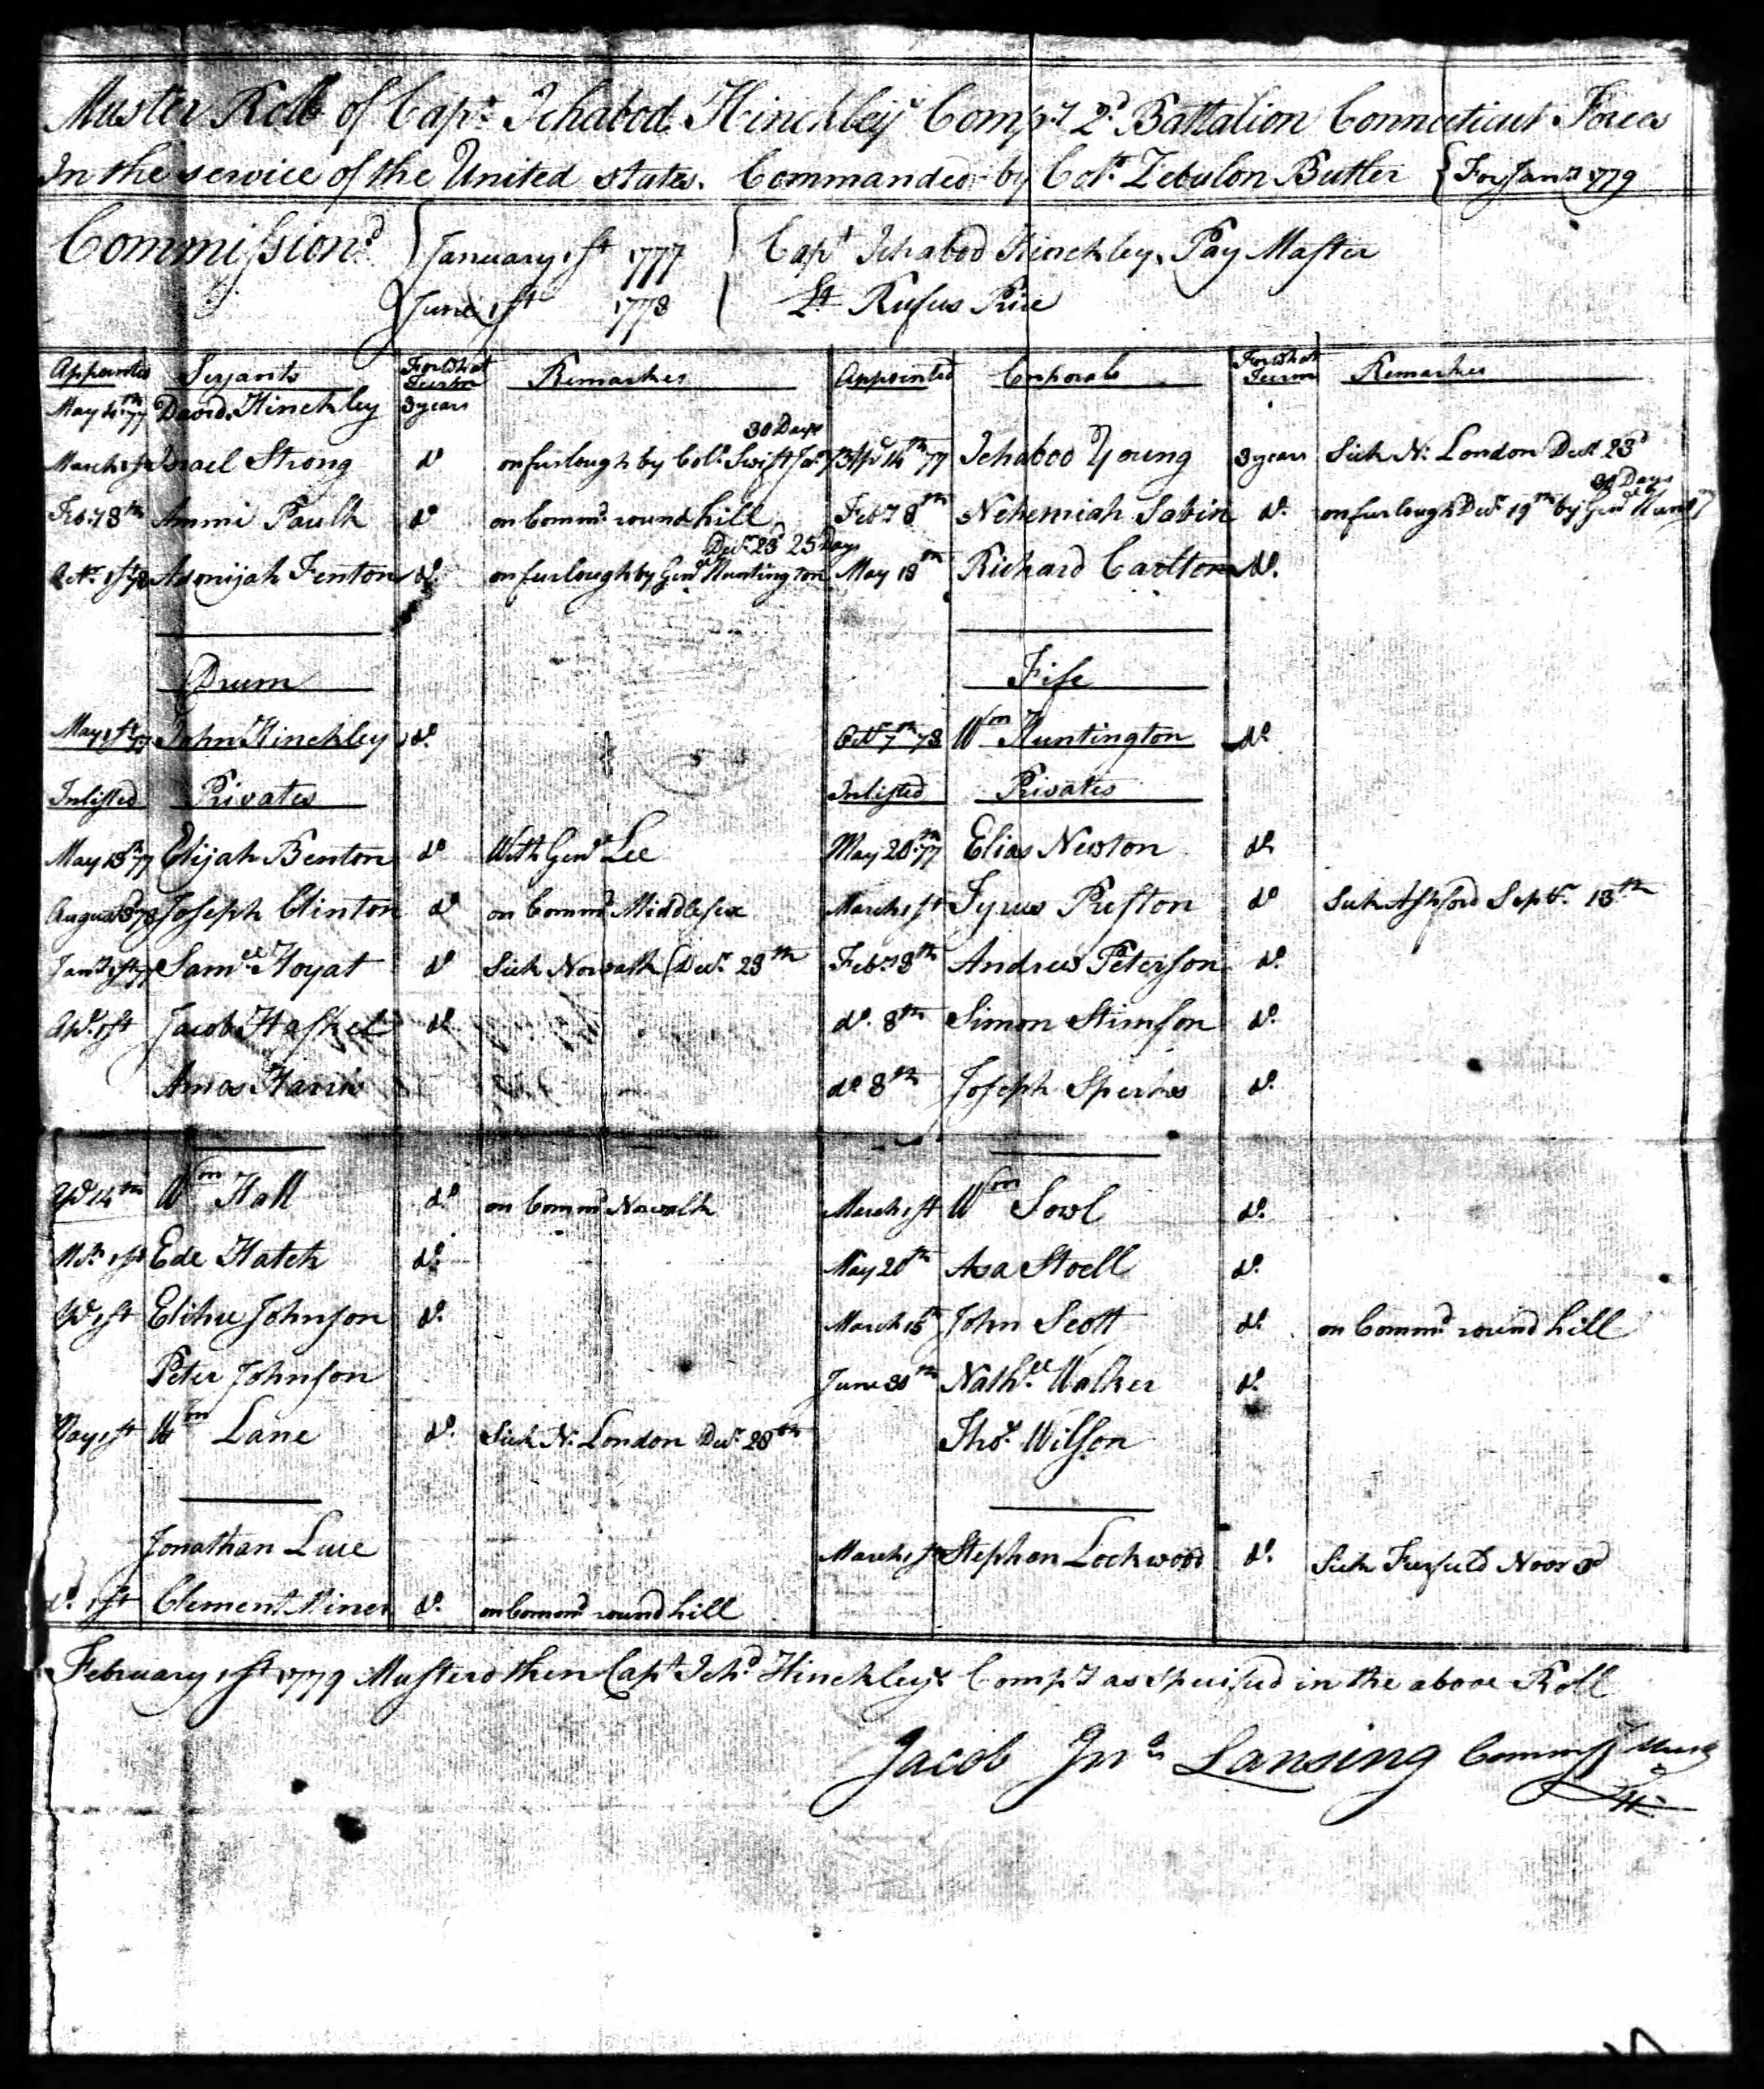 John Scott February 1779